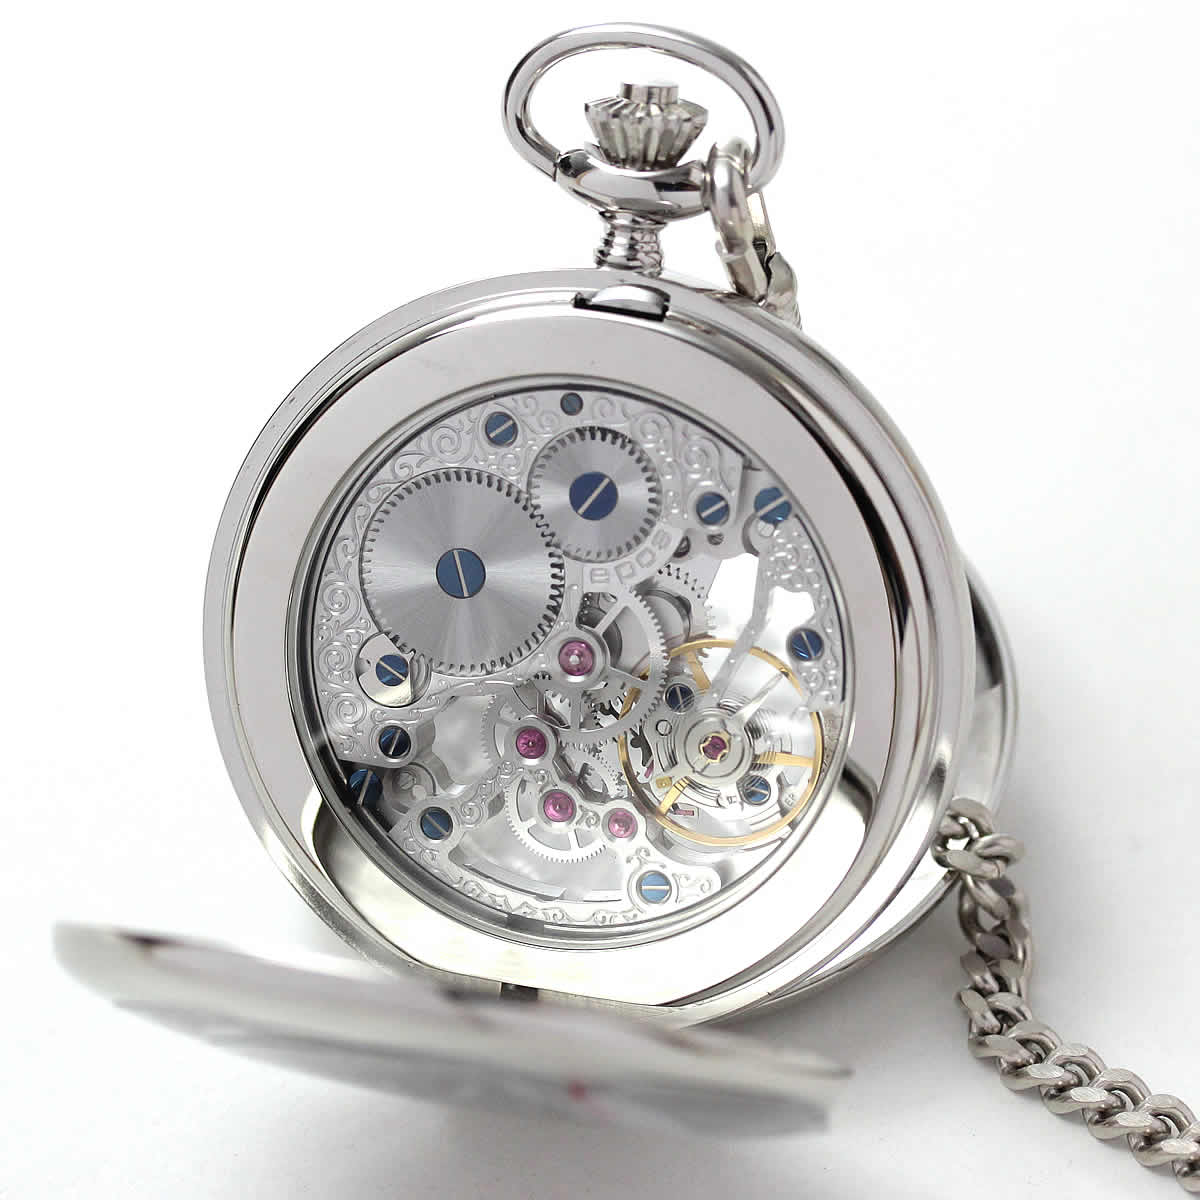 文字入れ刻印もできる懐中時計です。